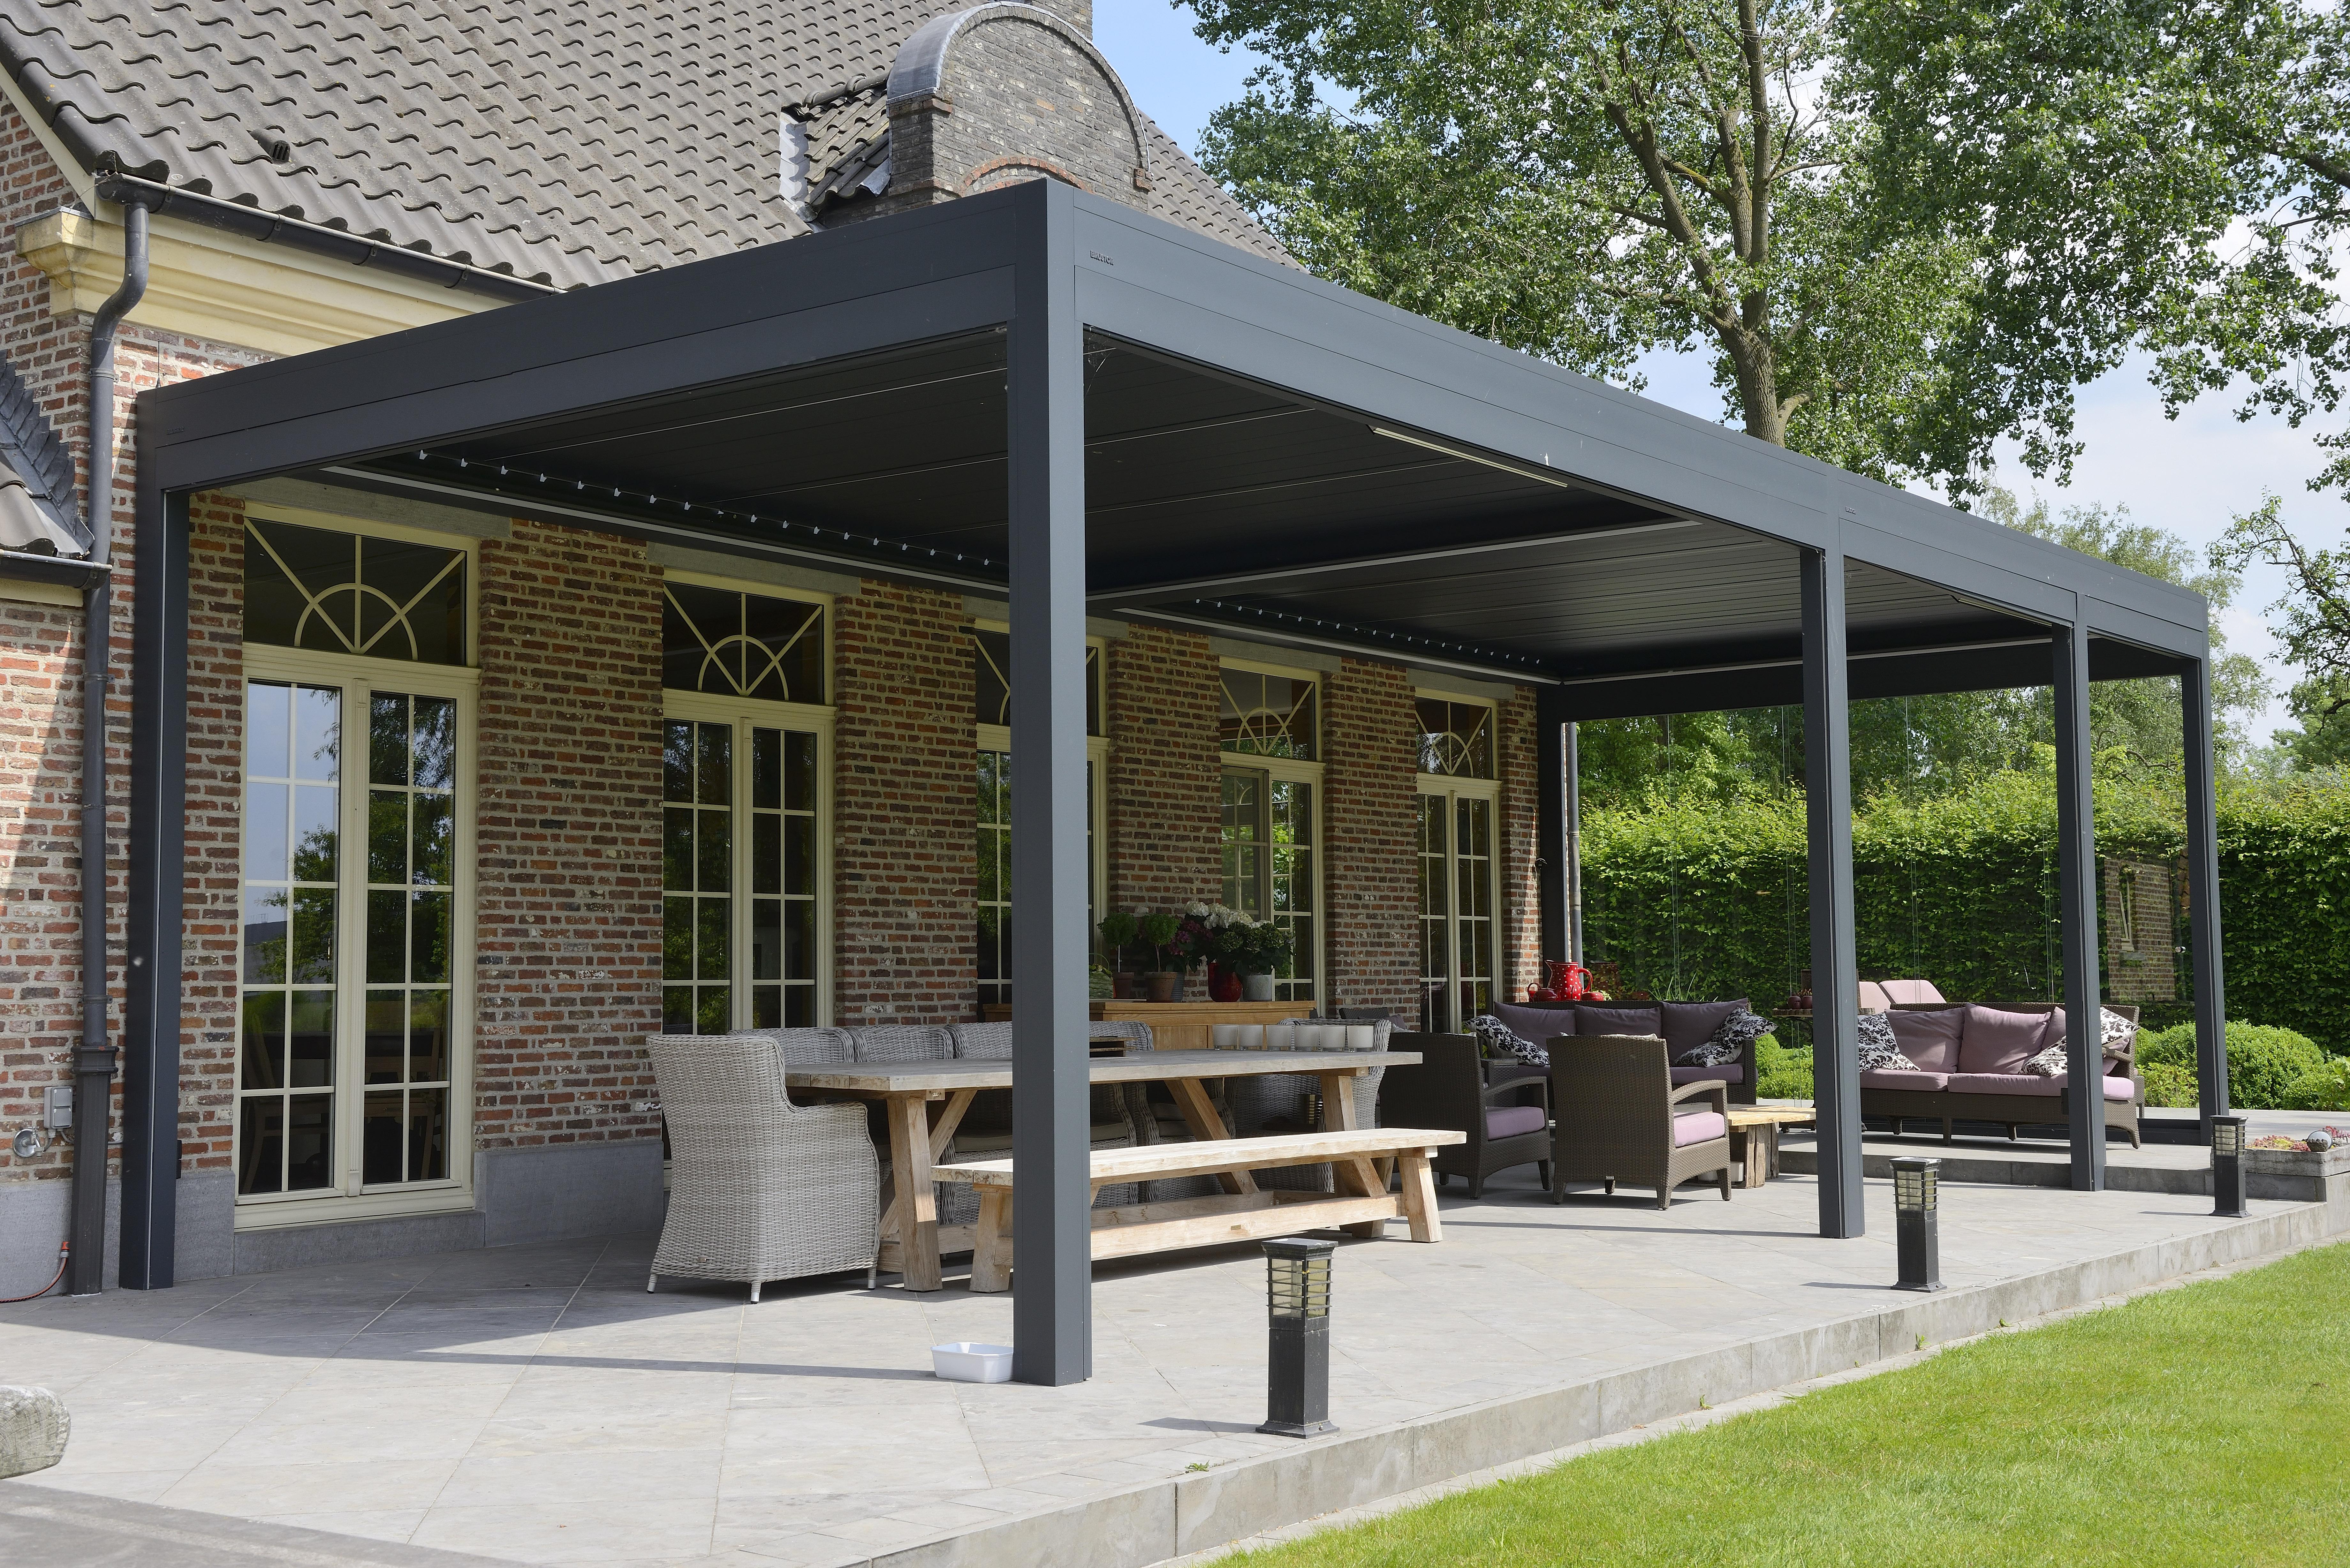 Das Lamellendach Die Terrassenuberdachung Von Morgen Ihr Fachbetrieb Fur Sonnenschutz Aus Passau